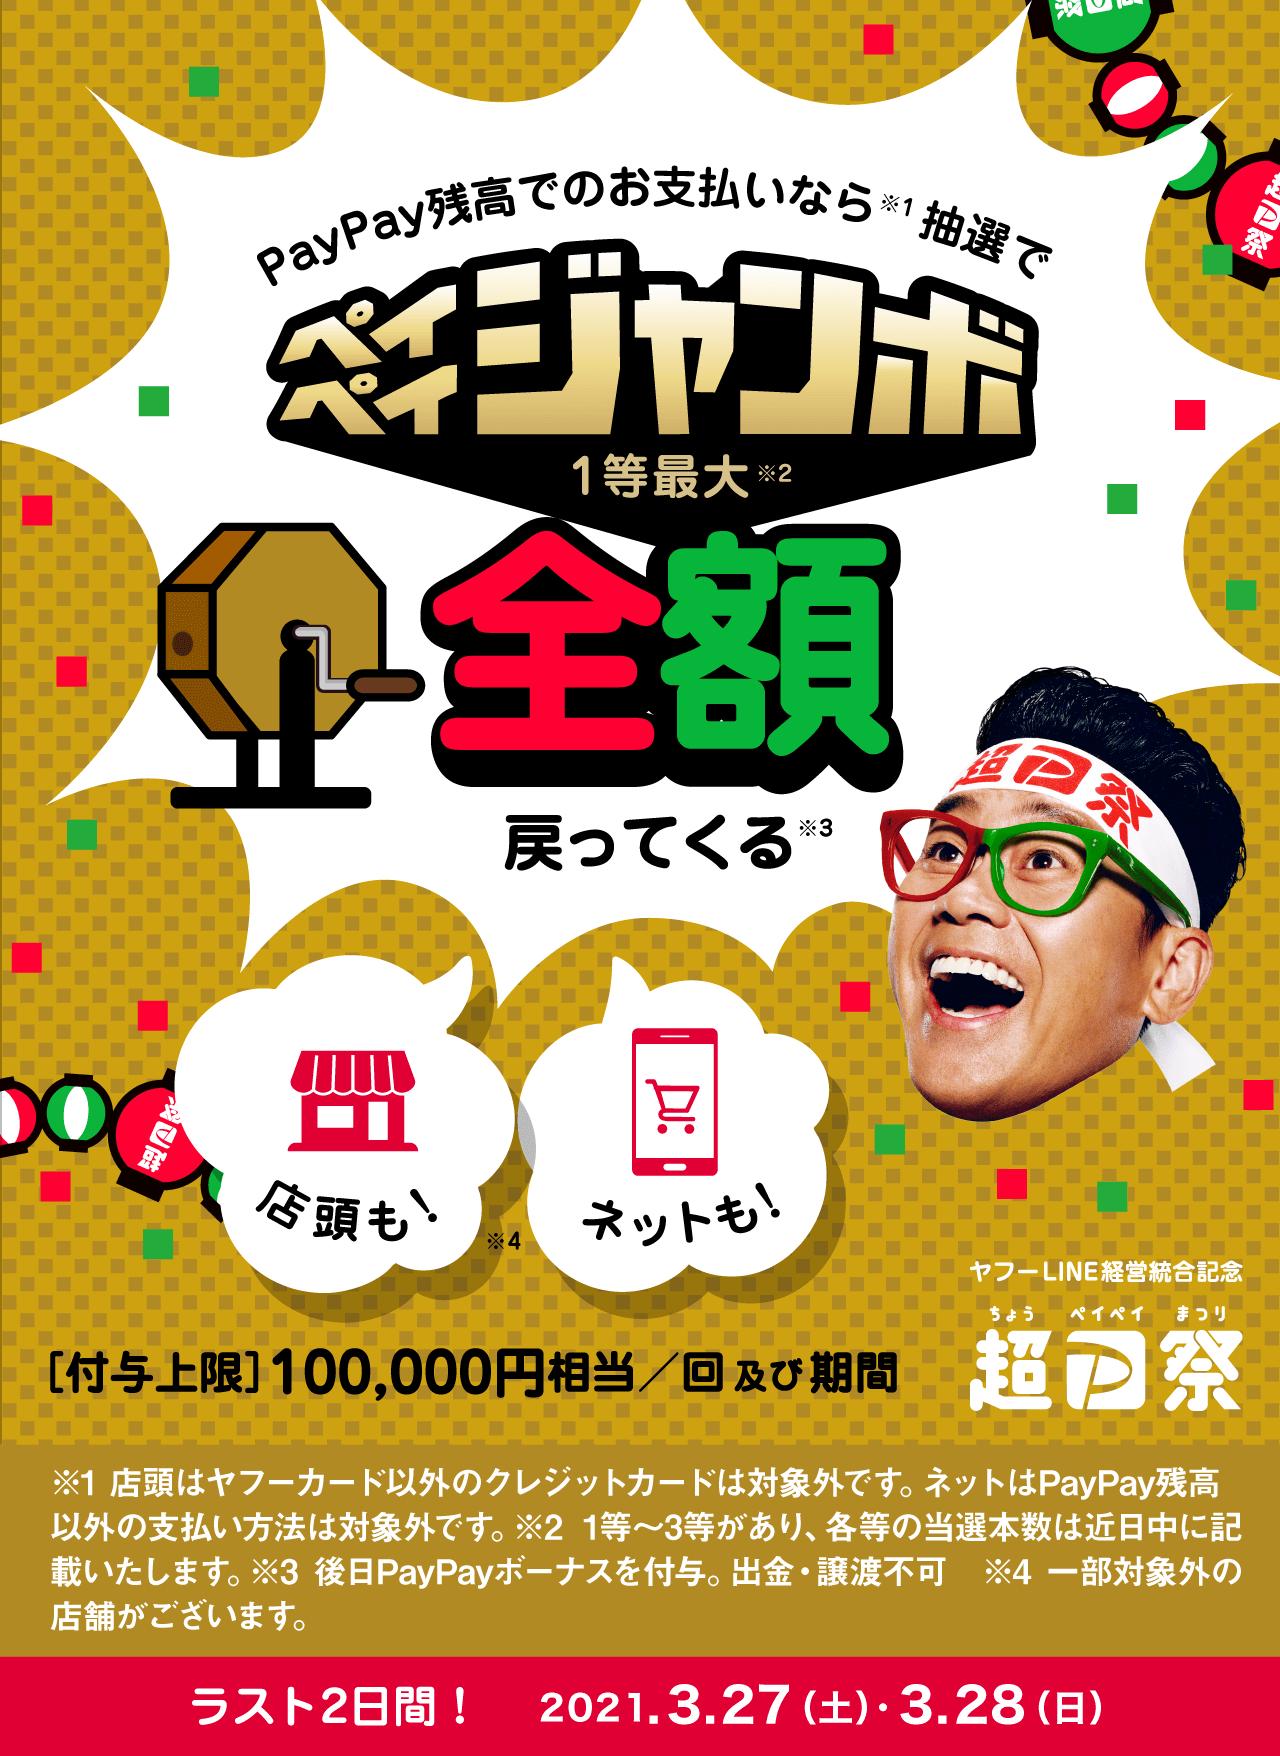 最大全額100%!10万円相当還元の「超PayPay祭!フィナーレジャンボ」が3月27日・28日のラスト2日間開催!